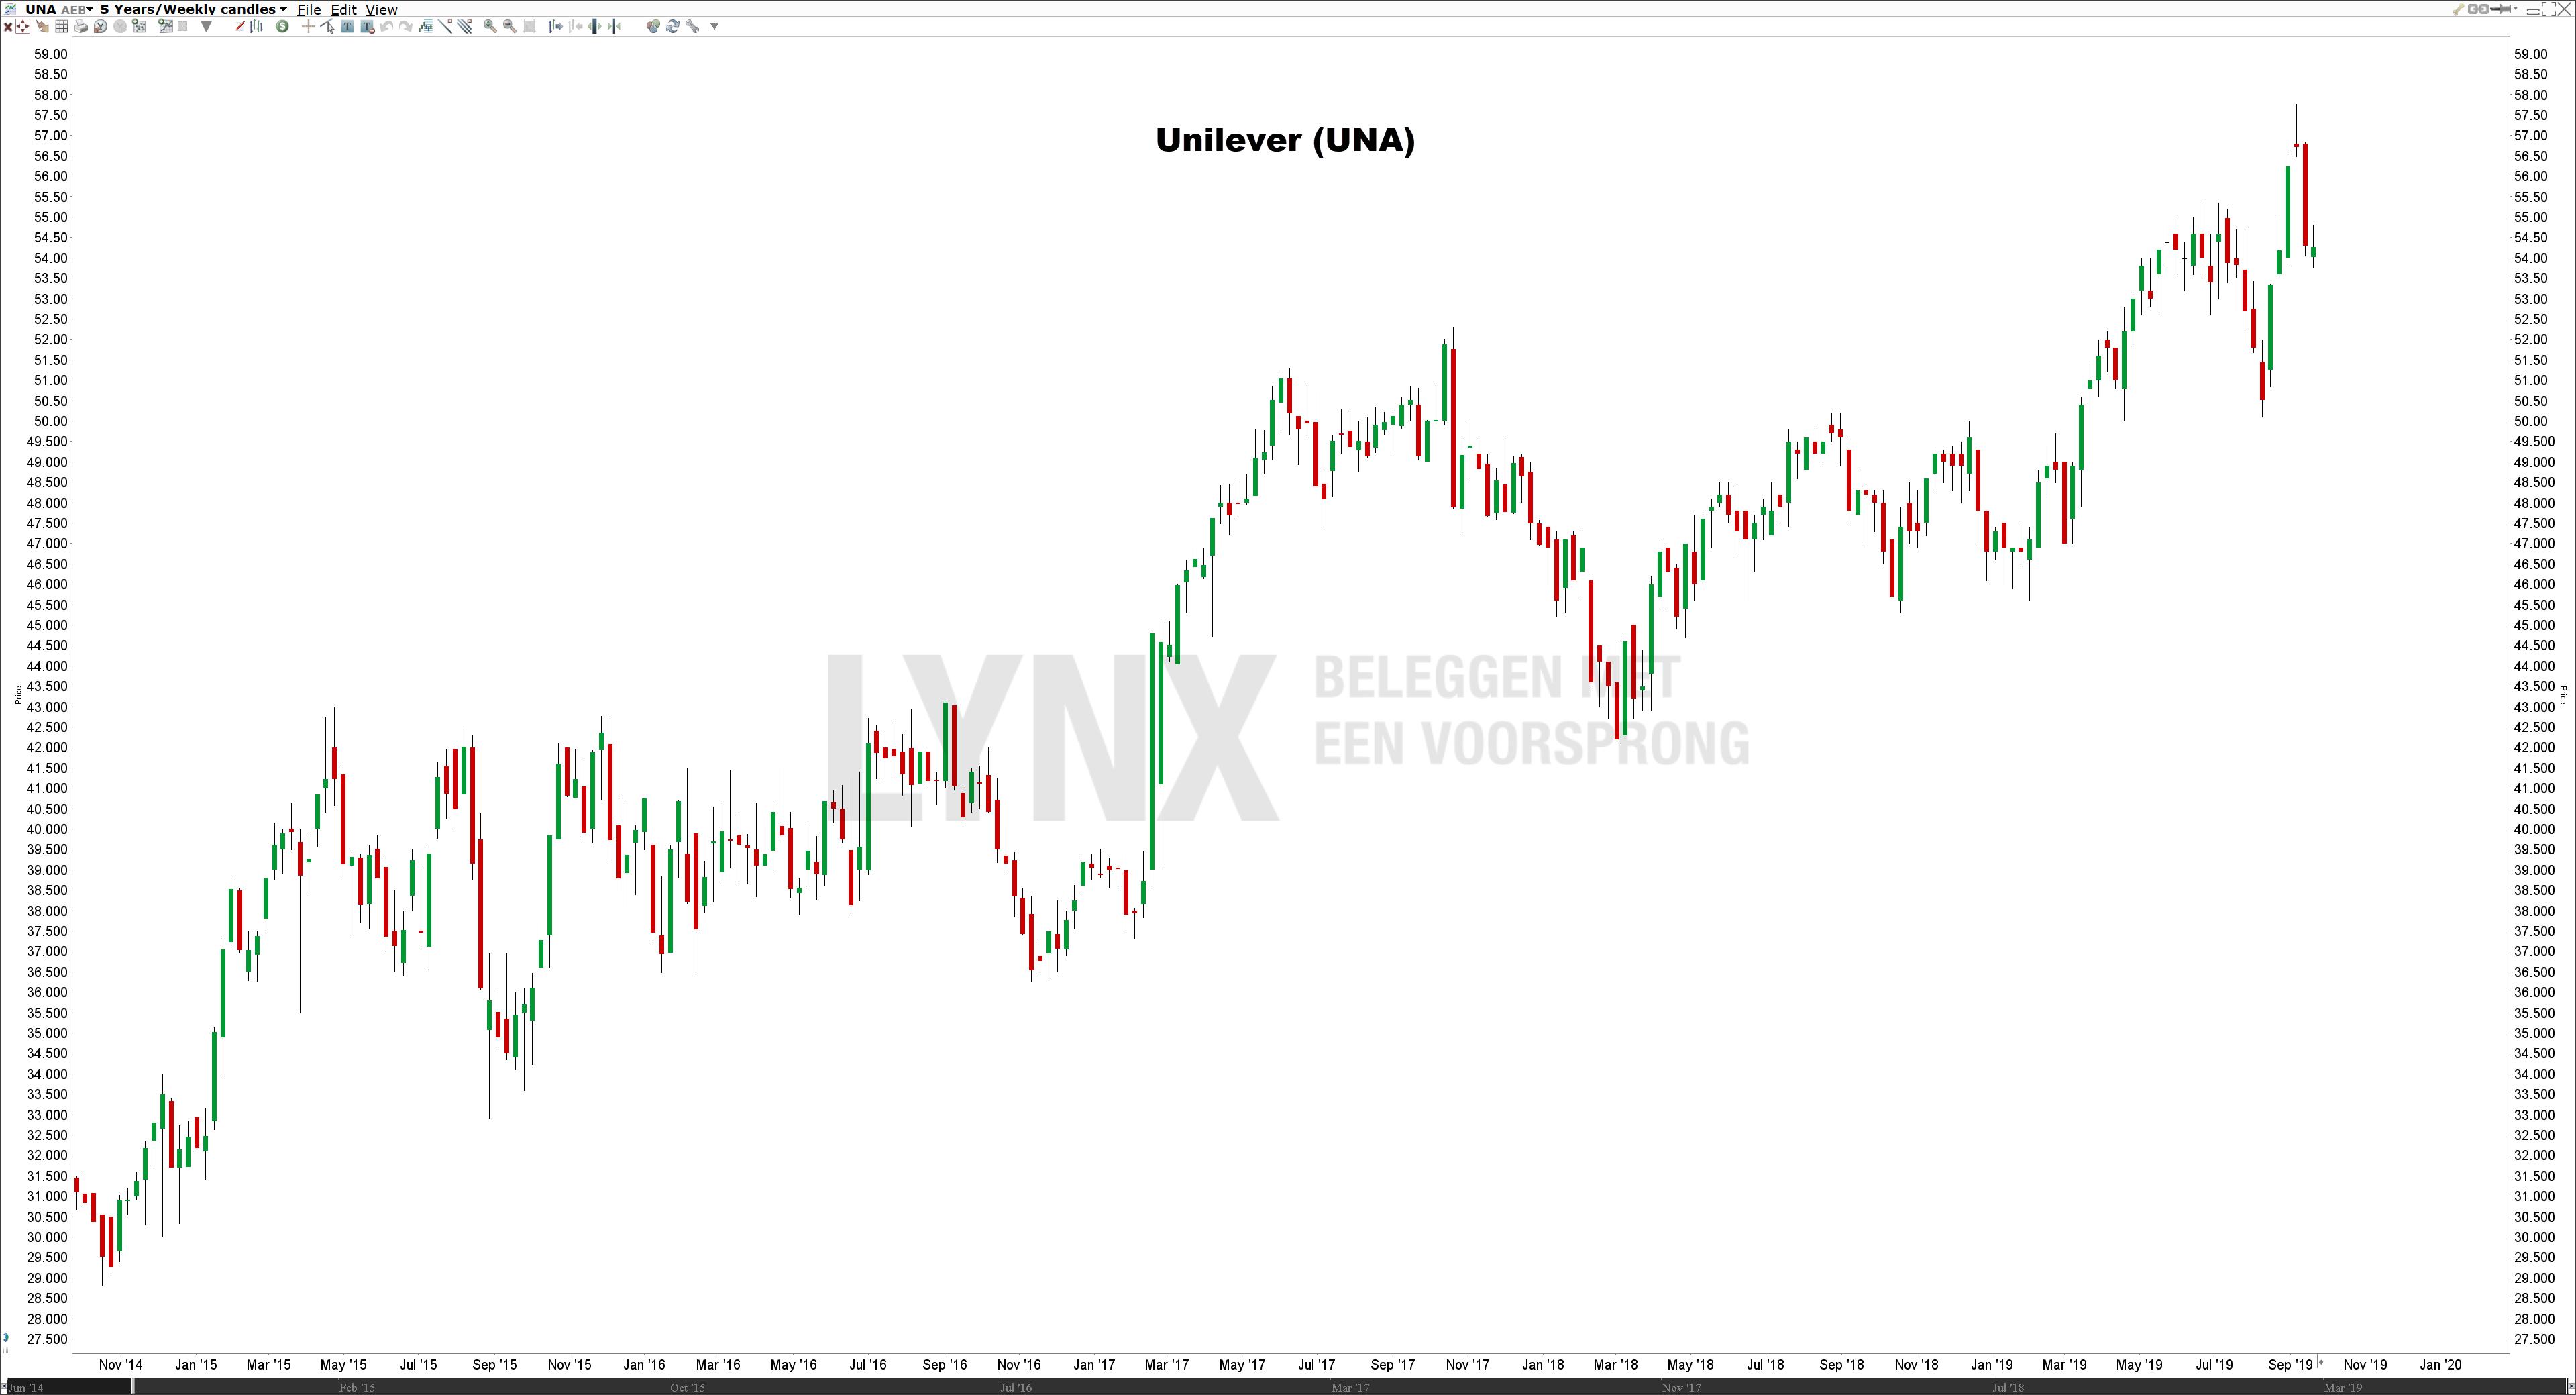 Koers aandeel Unilever - De beste defensieve aandelen